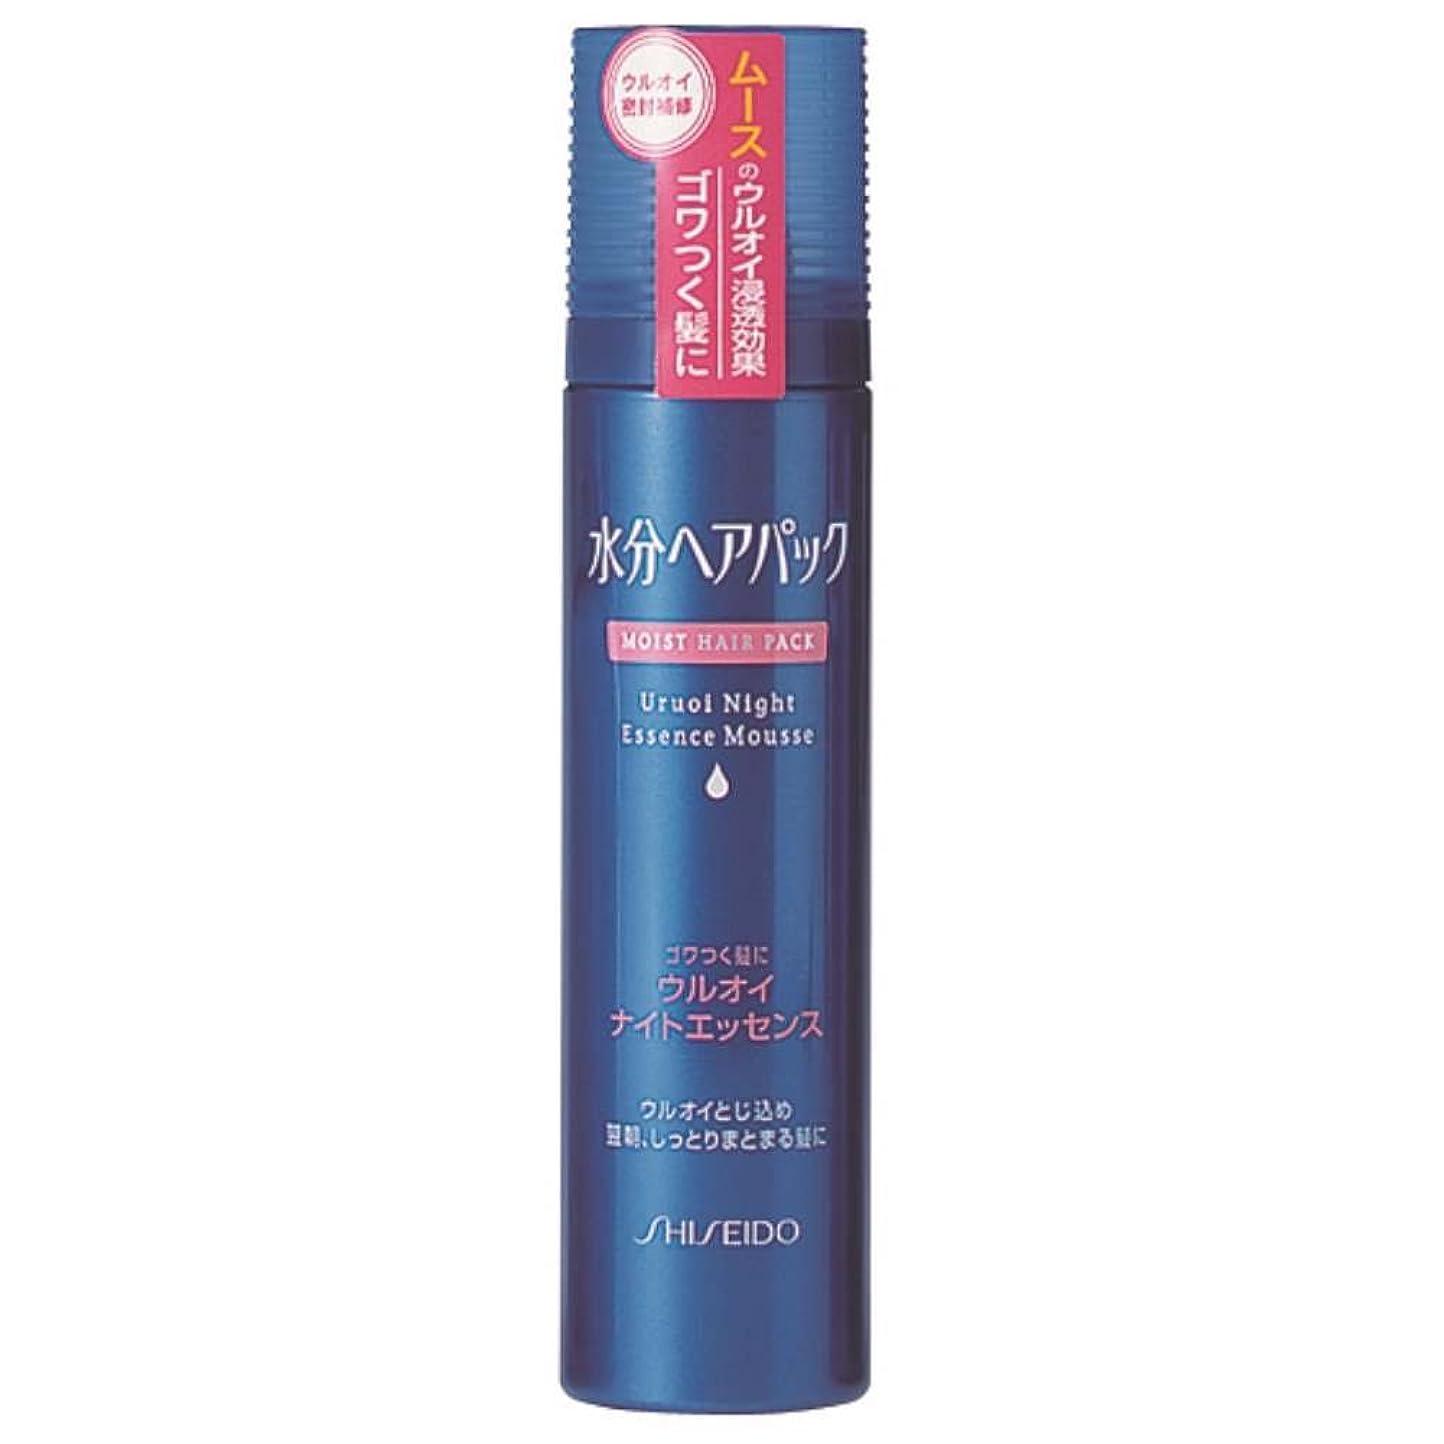 バット散文忠実に水分ヘアパック ウルオイナイトエッセンス ごわつく髪用 140g